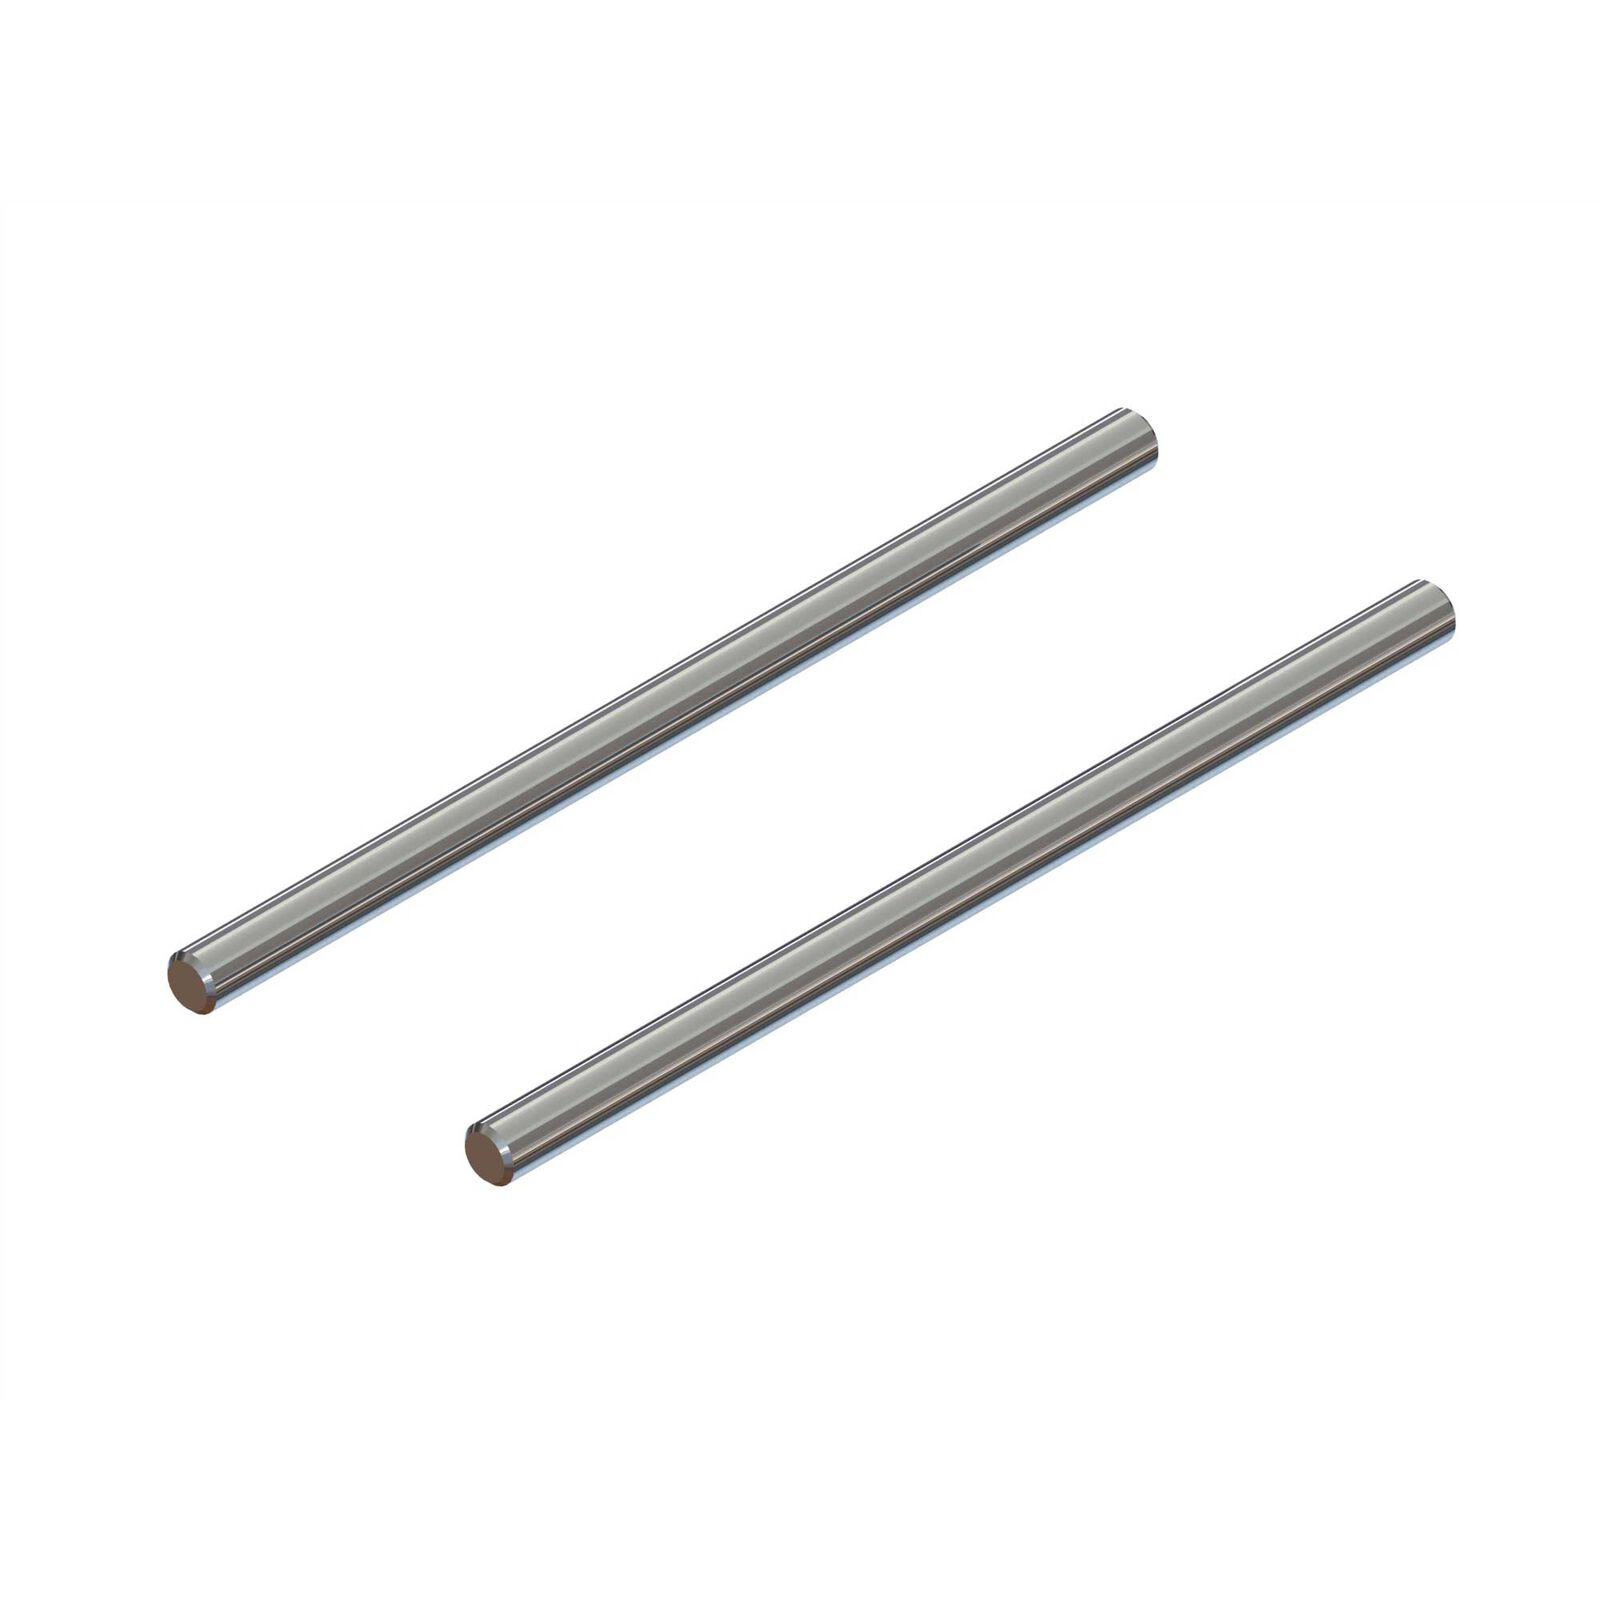 HD Hinge Pin 5x96mm (2)